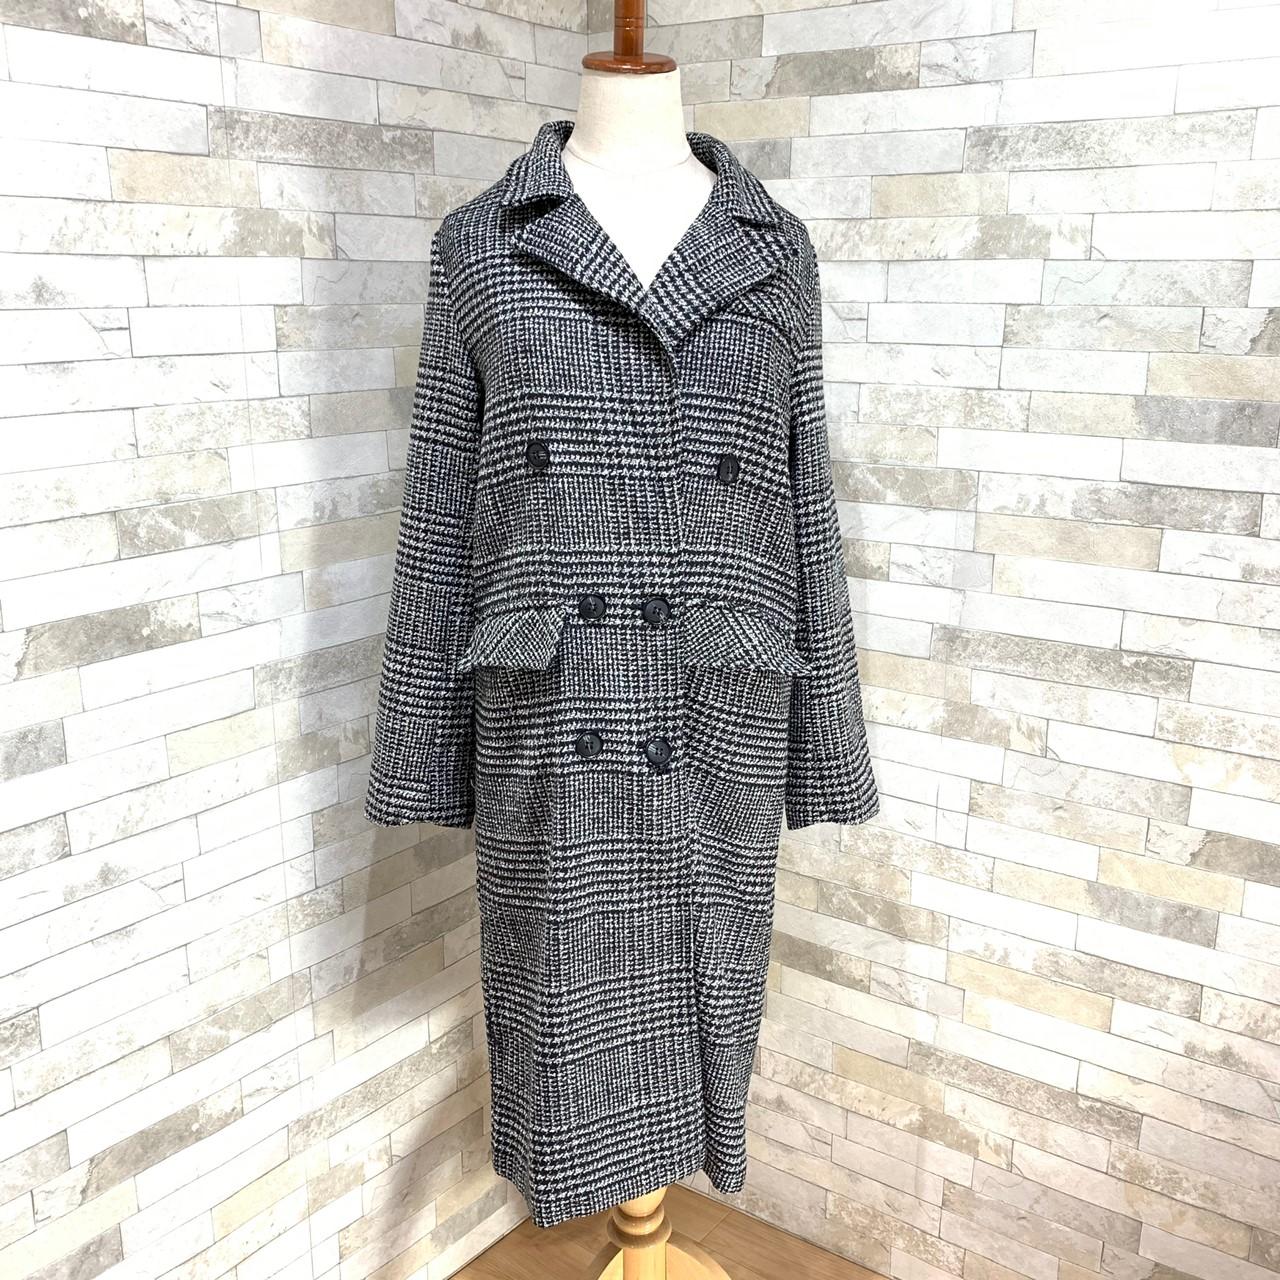 【即納】韓国 ファッション アウター コート 秋 冬 カジュアル SPTXD248  グレンチェック ダブル ロング チェスター オフィス エレガント オルチャン シンプル 定番 セレカジの写真15枚目